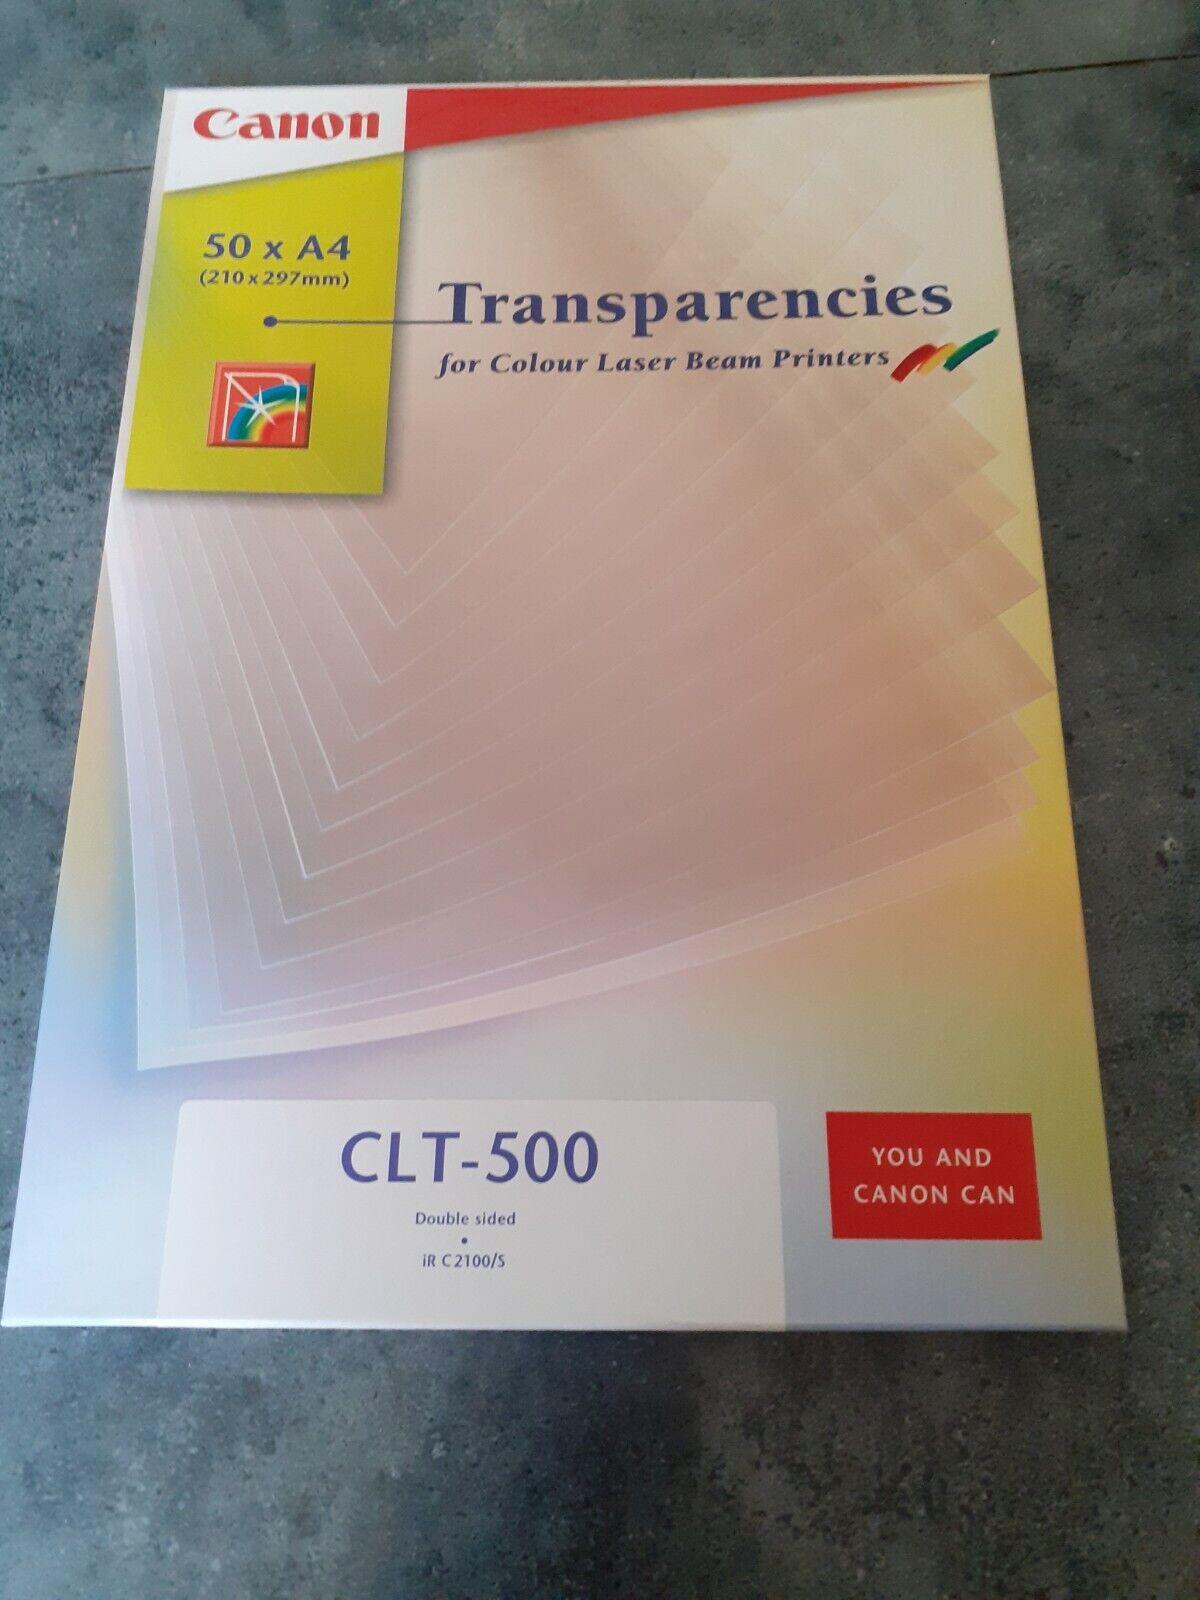 Canon 50 feuilles transparentes a4 pour imprimante laser couleur réf clt-500